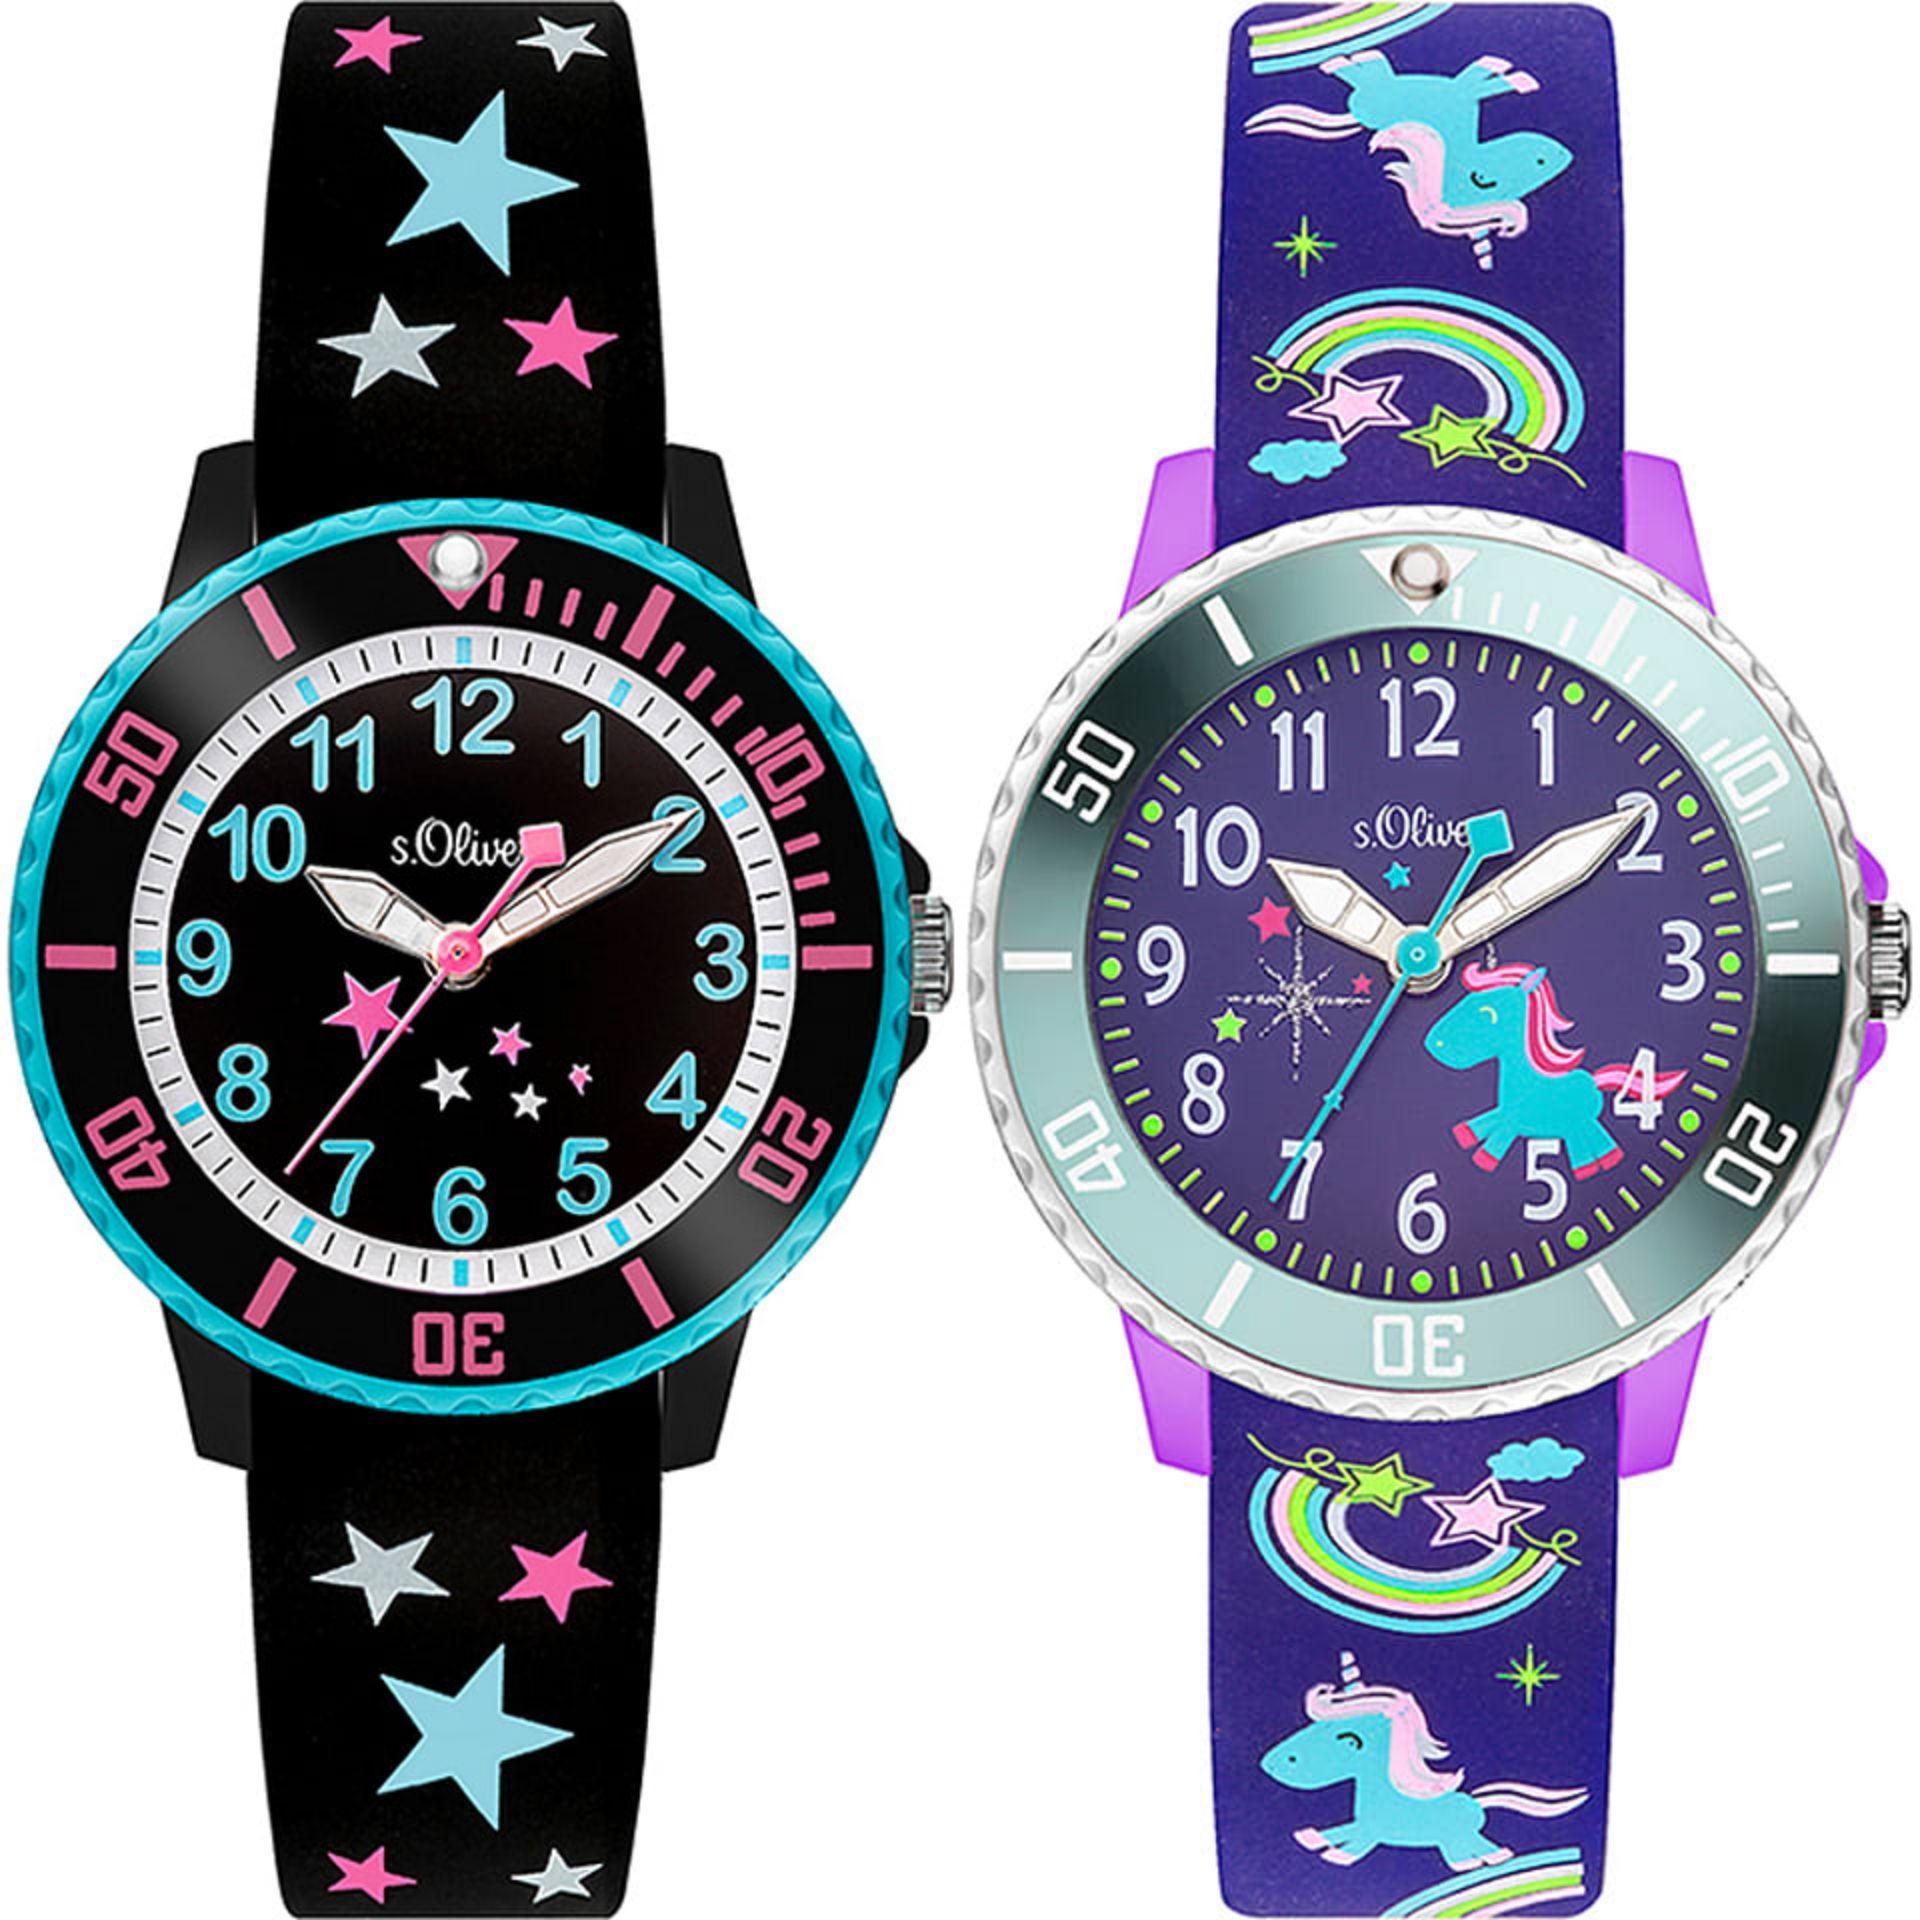 S.Oliver, Kinder Analog Quarz Armbanduhr mit Silikonarmband (Sammeldeal)